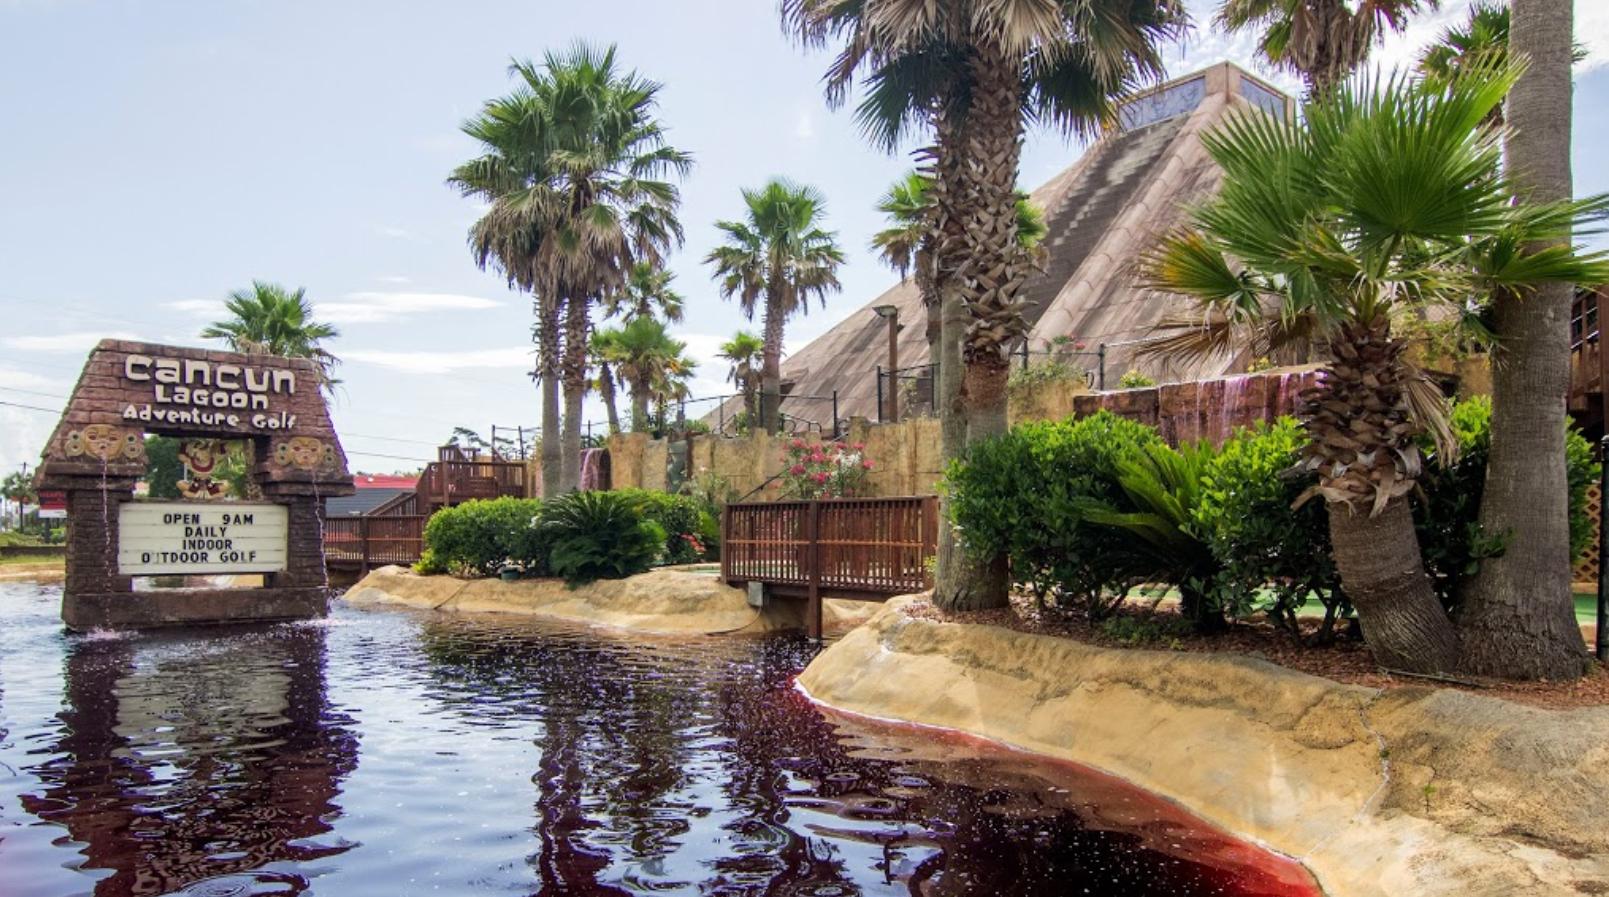 17+ Cancun lagoon mayan adventure golf viral